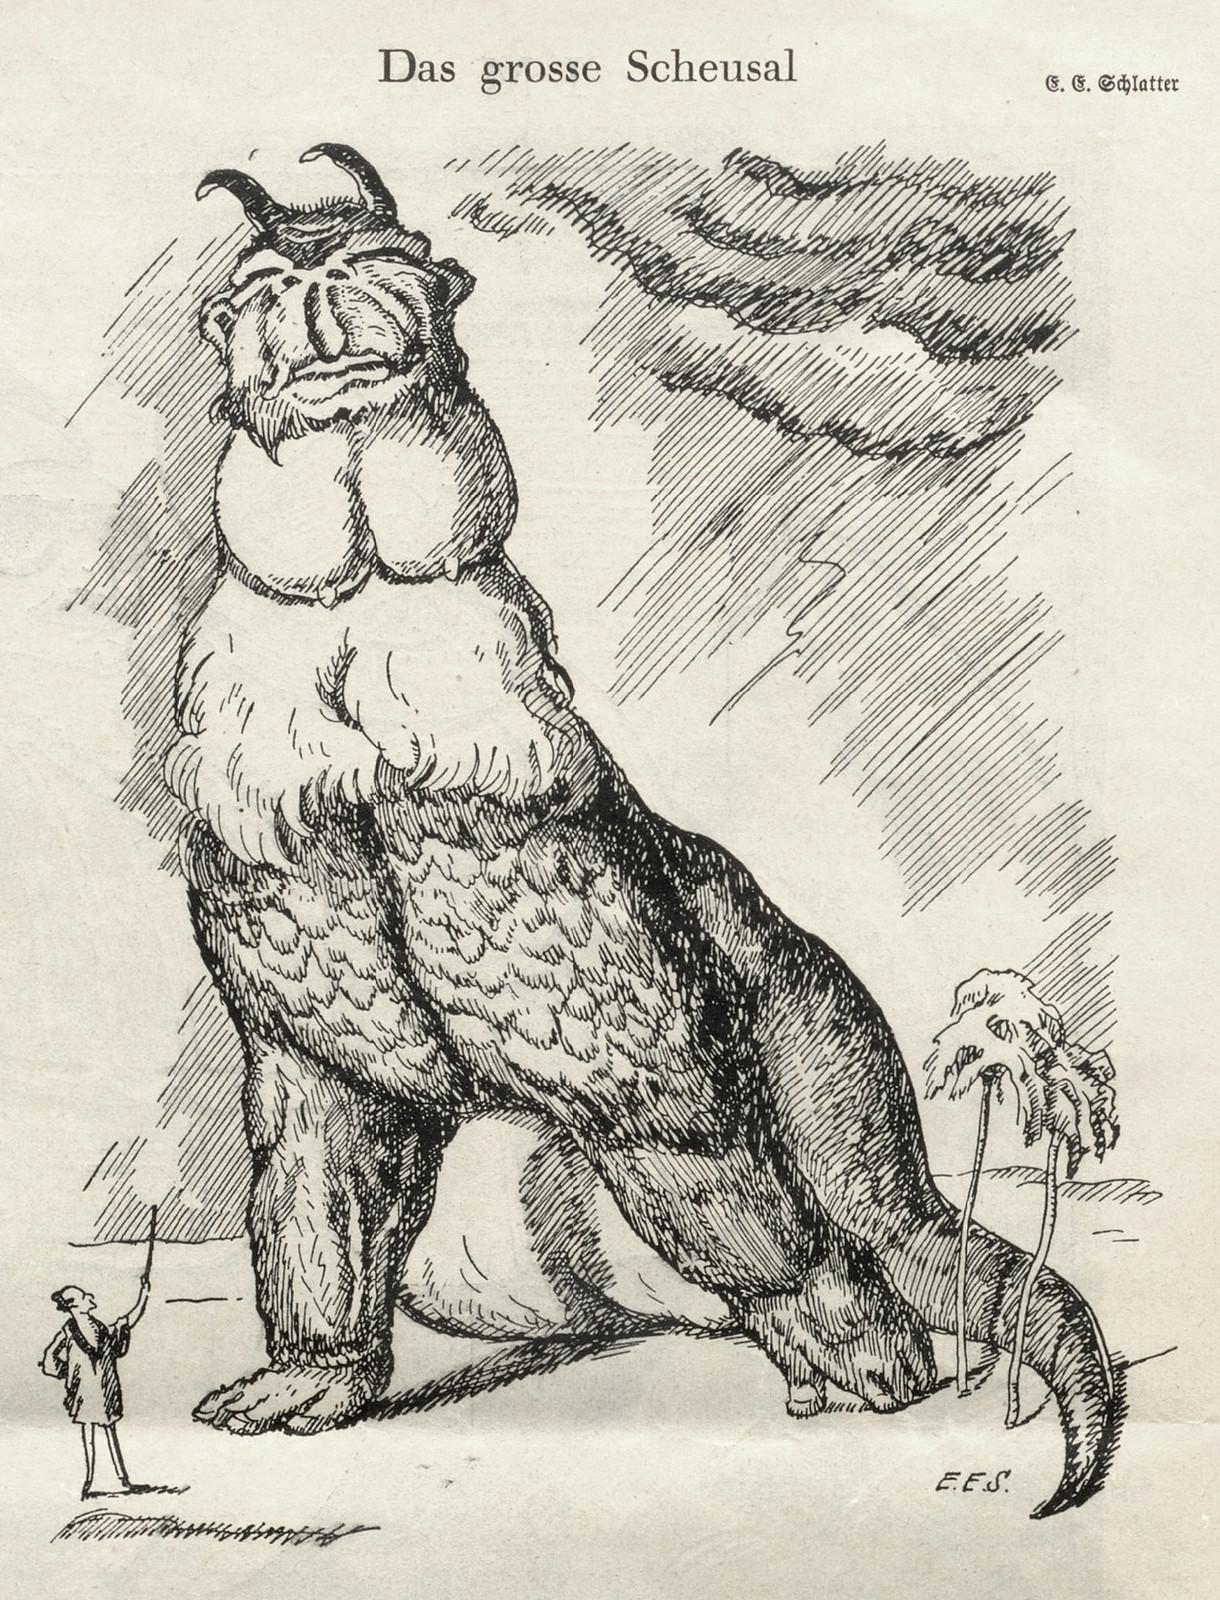 Ernst Emil Schlatter - The Great Horror, Nebelspalter, 1924